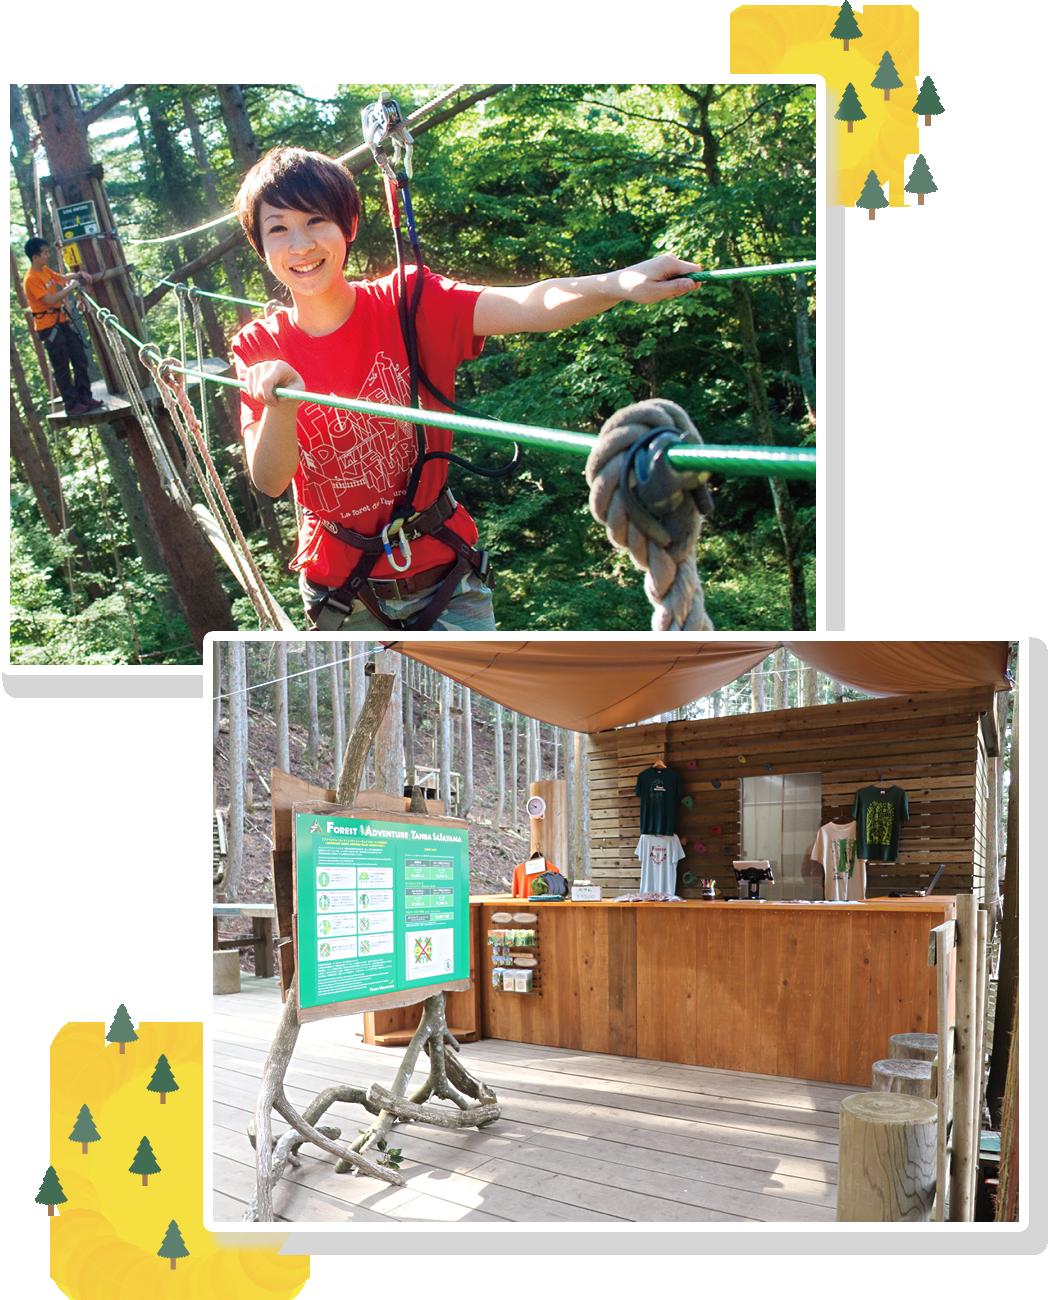 大人も子供も楽しめるアウトドアパーク!自然の中で大冒険!フォレストアドベンチャー!